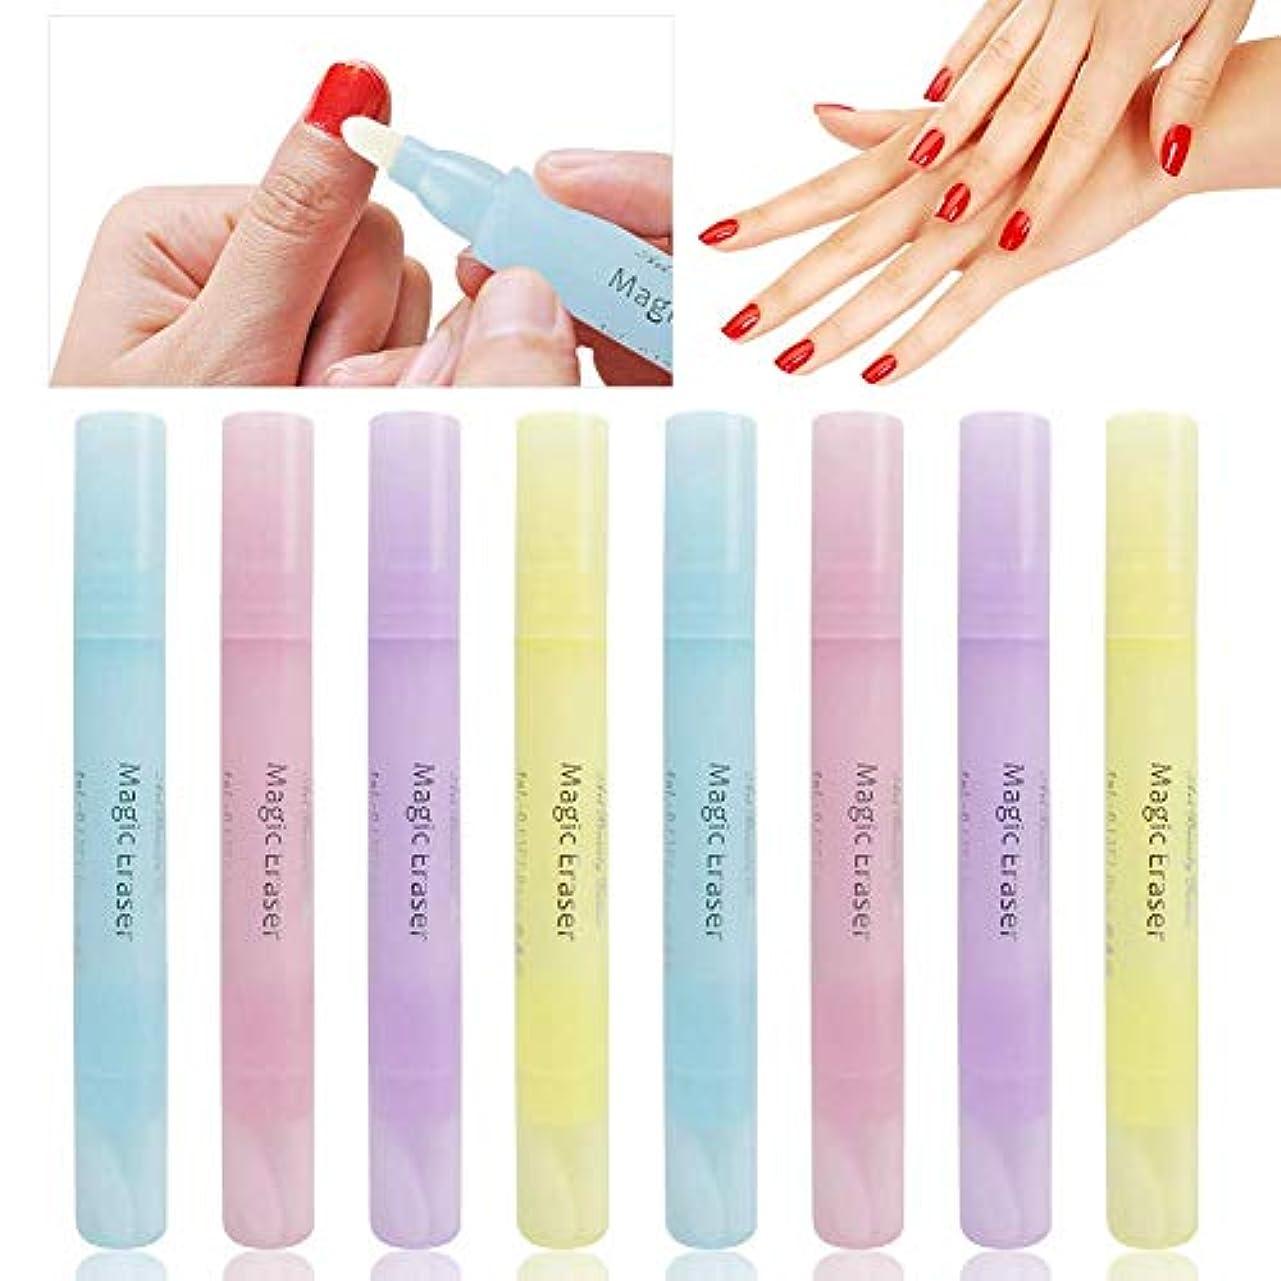 一般的に言えばツール労働者AUGOOG 8個入 ネイルリムーバーペン ネイルポリッシュ修正ペン 携帯便利 ネイルアートツール ネイルコレクター 化粧用 4色 女性用